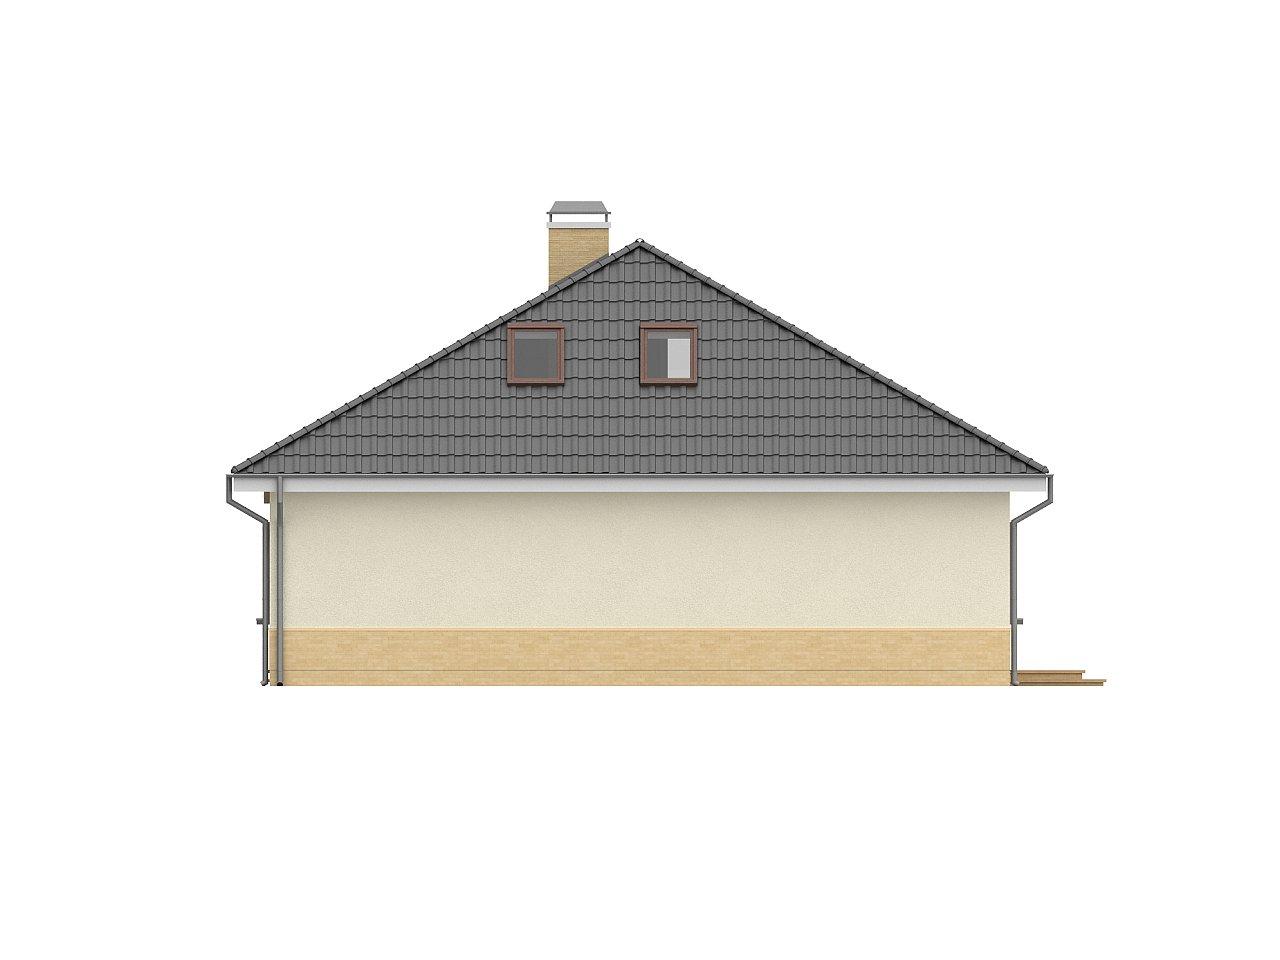 Традиционный дом с мансардой, с большим углом наклона крыши. - фото 5